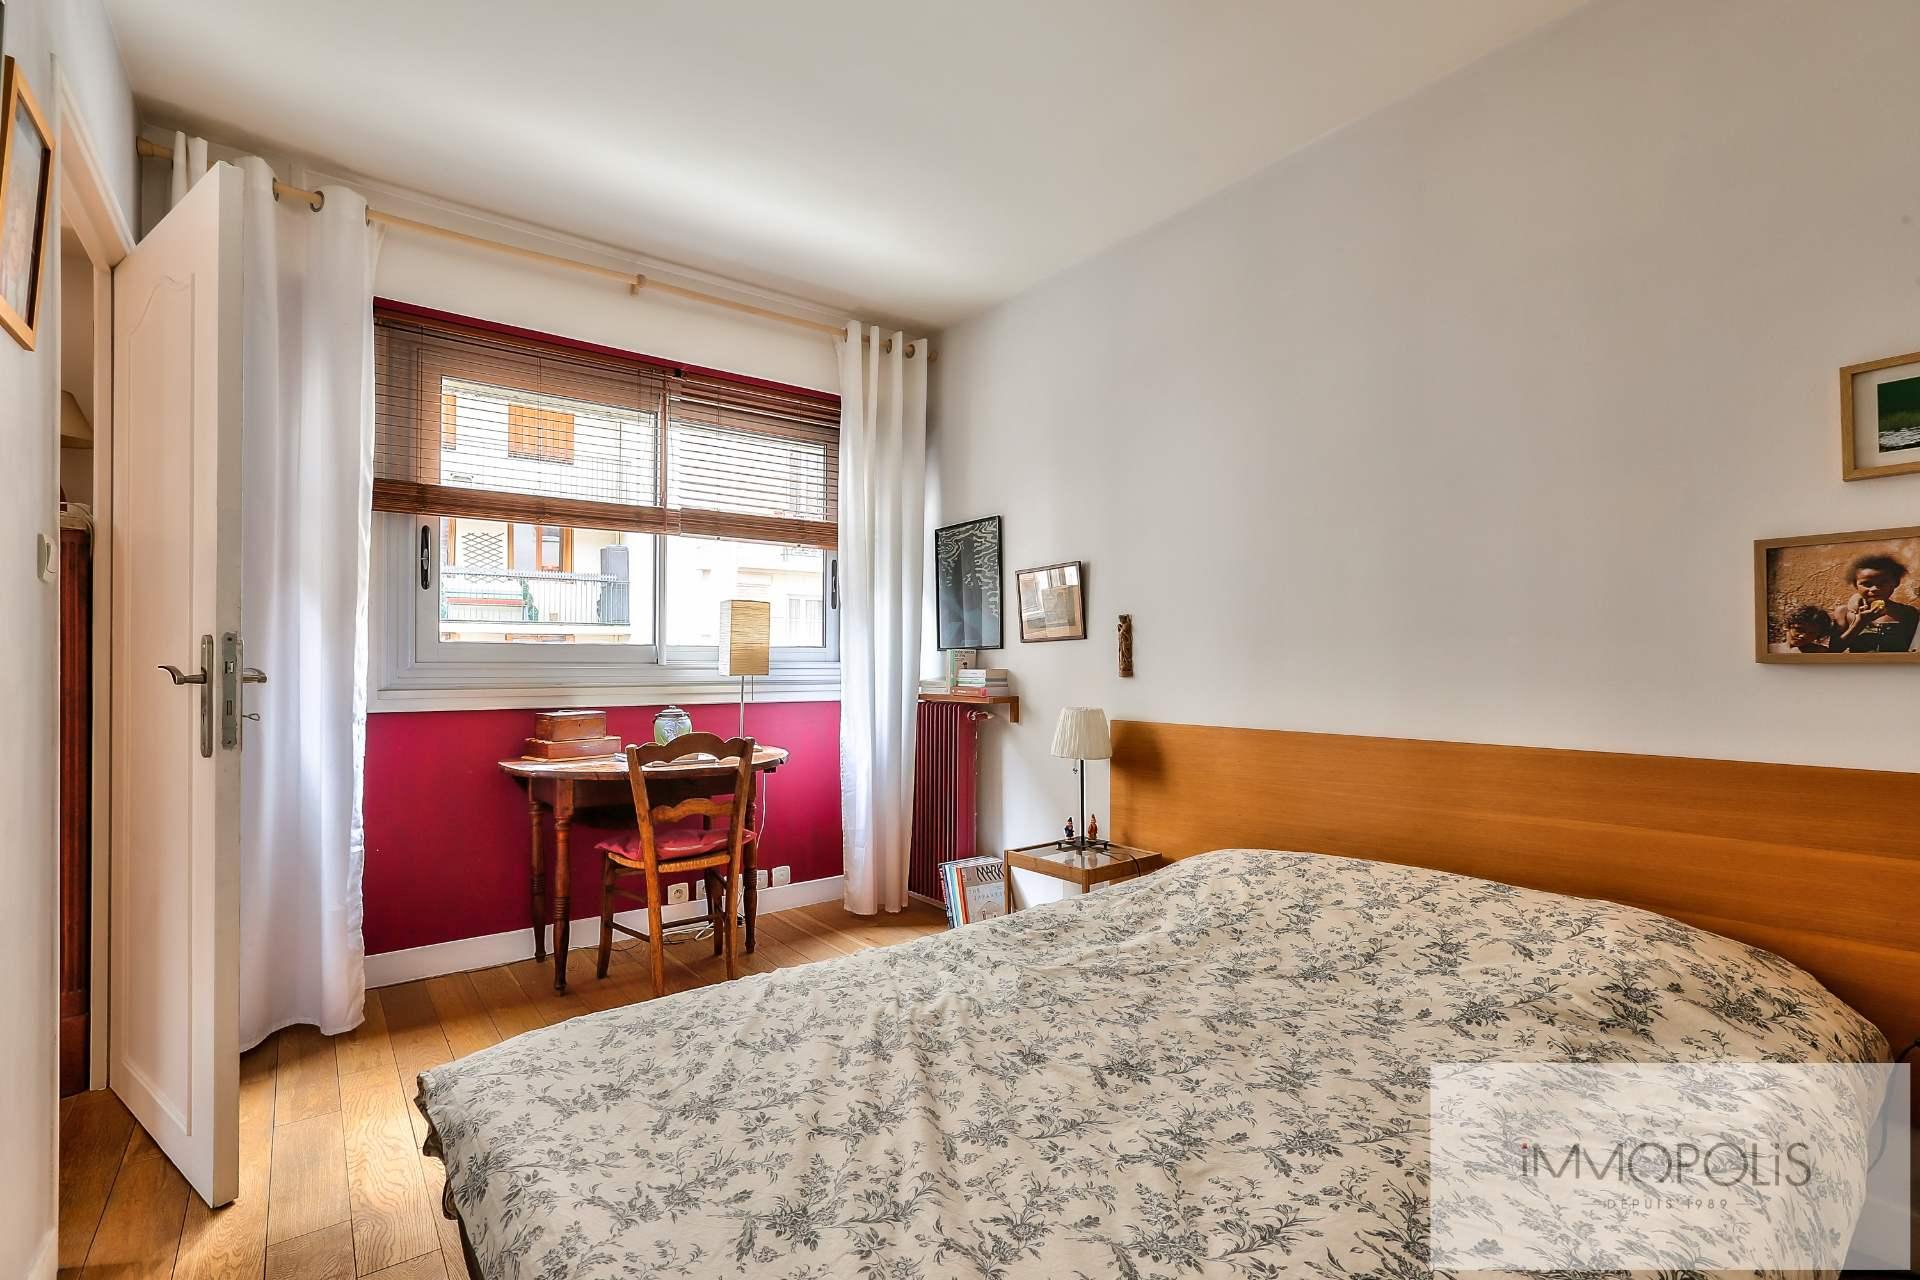 Appartement Familial  – 4 pièces 3 chambres – 85 m2 –  Balcon 5